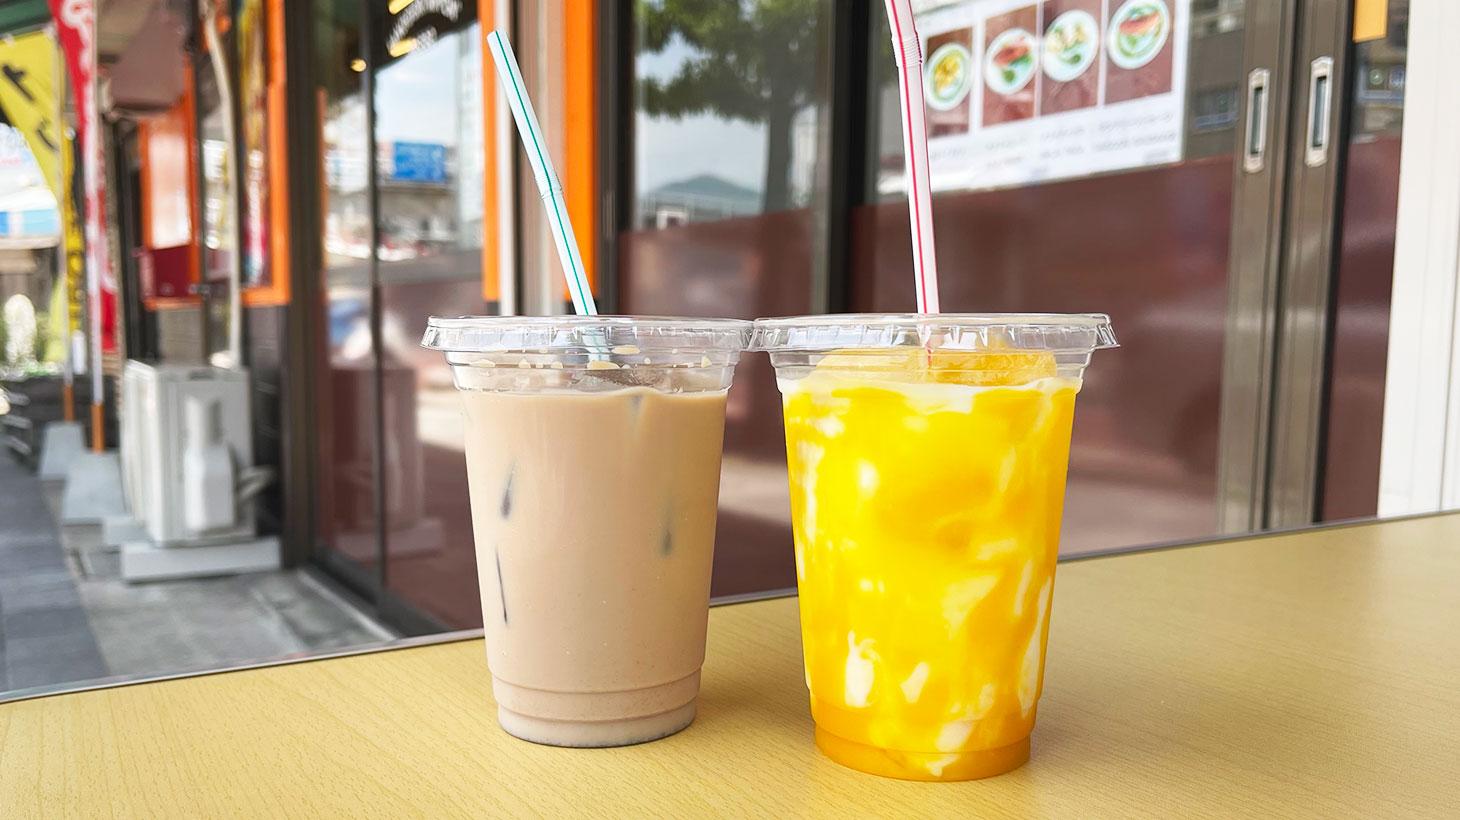 TANDOORI NIPPONのアイスチャイとマンゴーラッシー